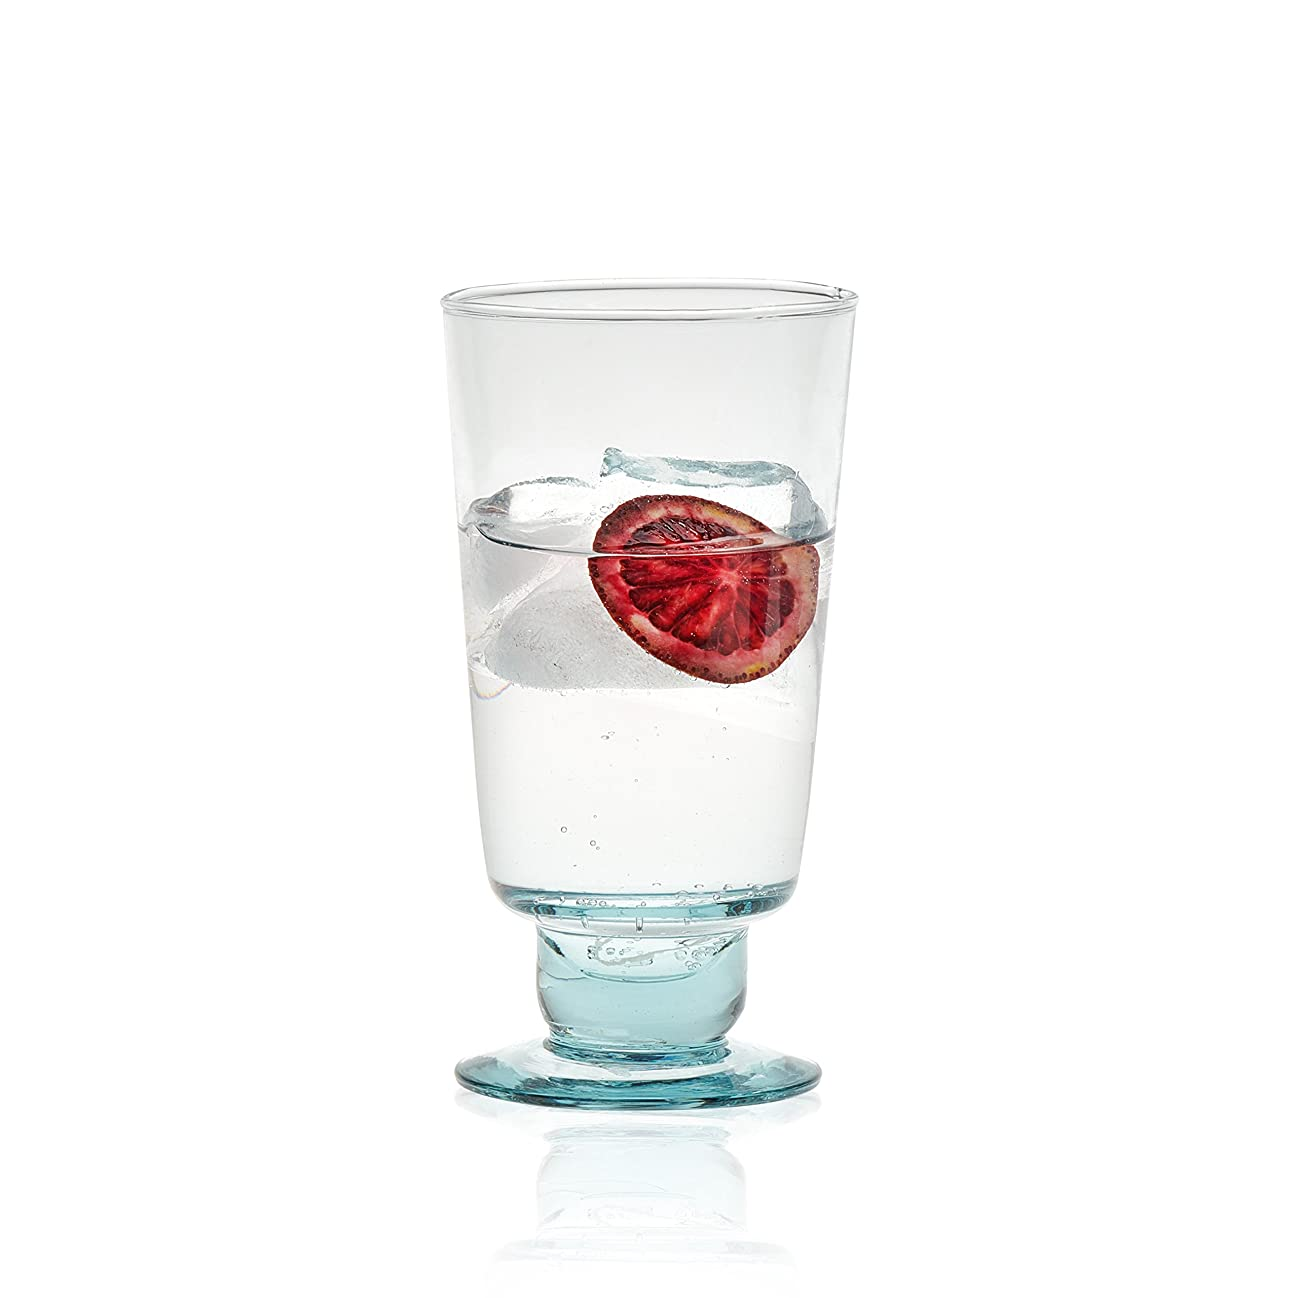 寛大なコンパニオン更新するPrologue LunaリサイクルガラスGobletセット、4-12オンスGoblet、メガネ、ハンドメイドのメキシコ鉛フリー、4ピース